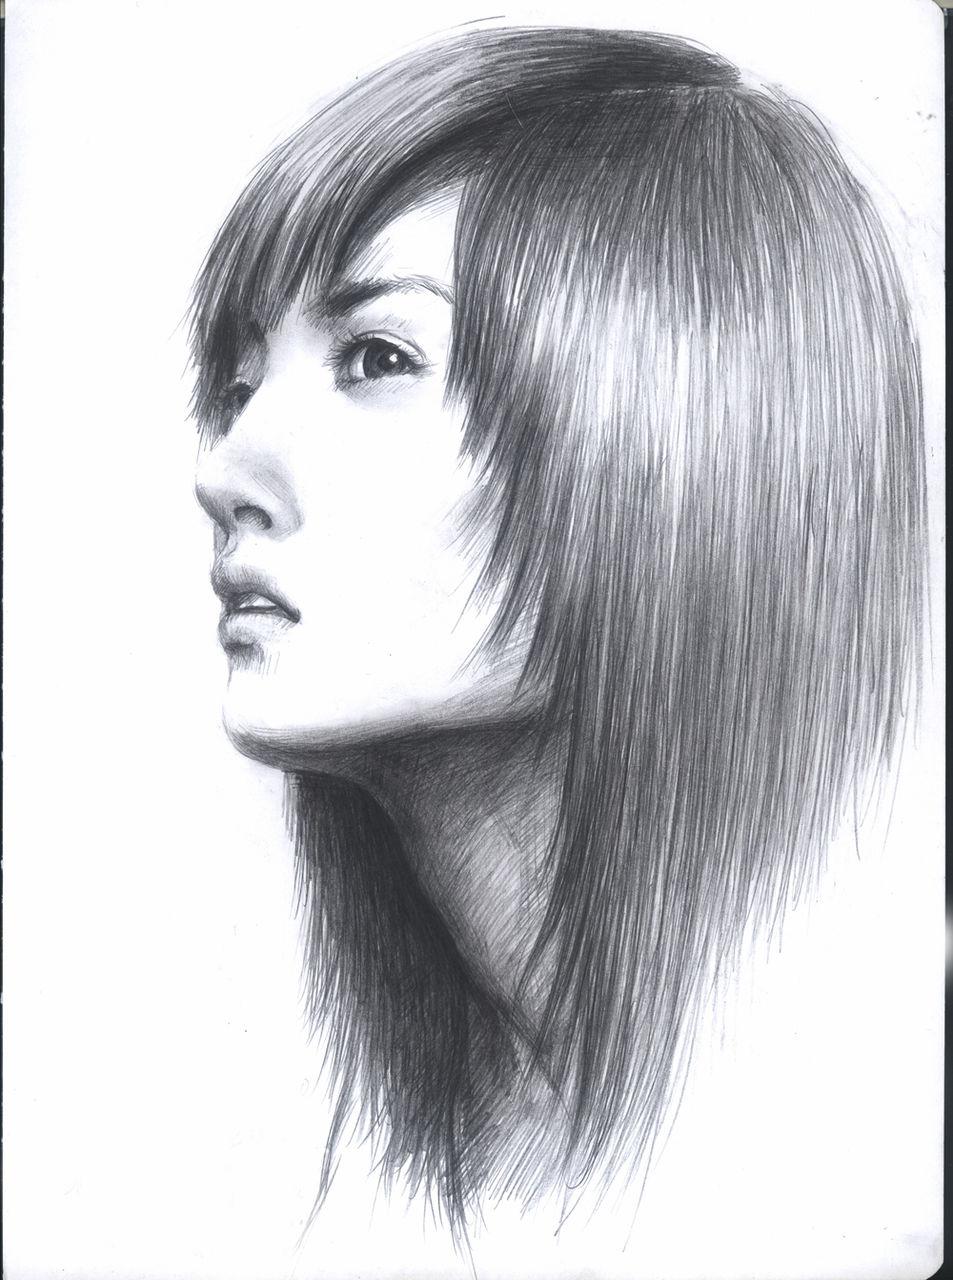 求一个素描的女孩侧脸的壁纸